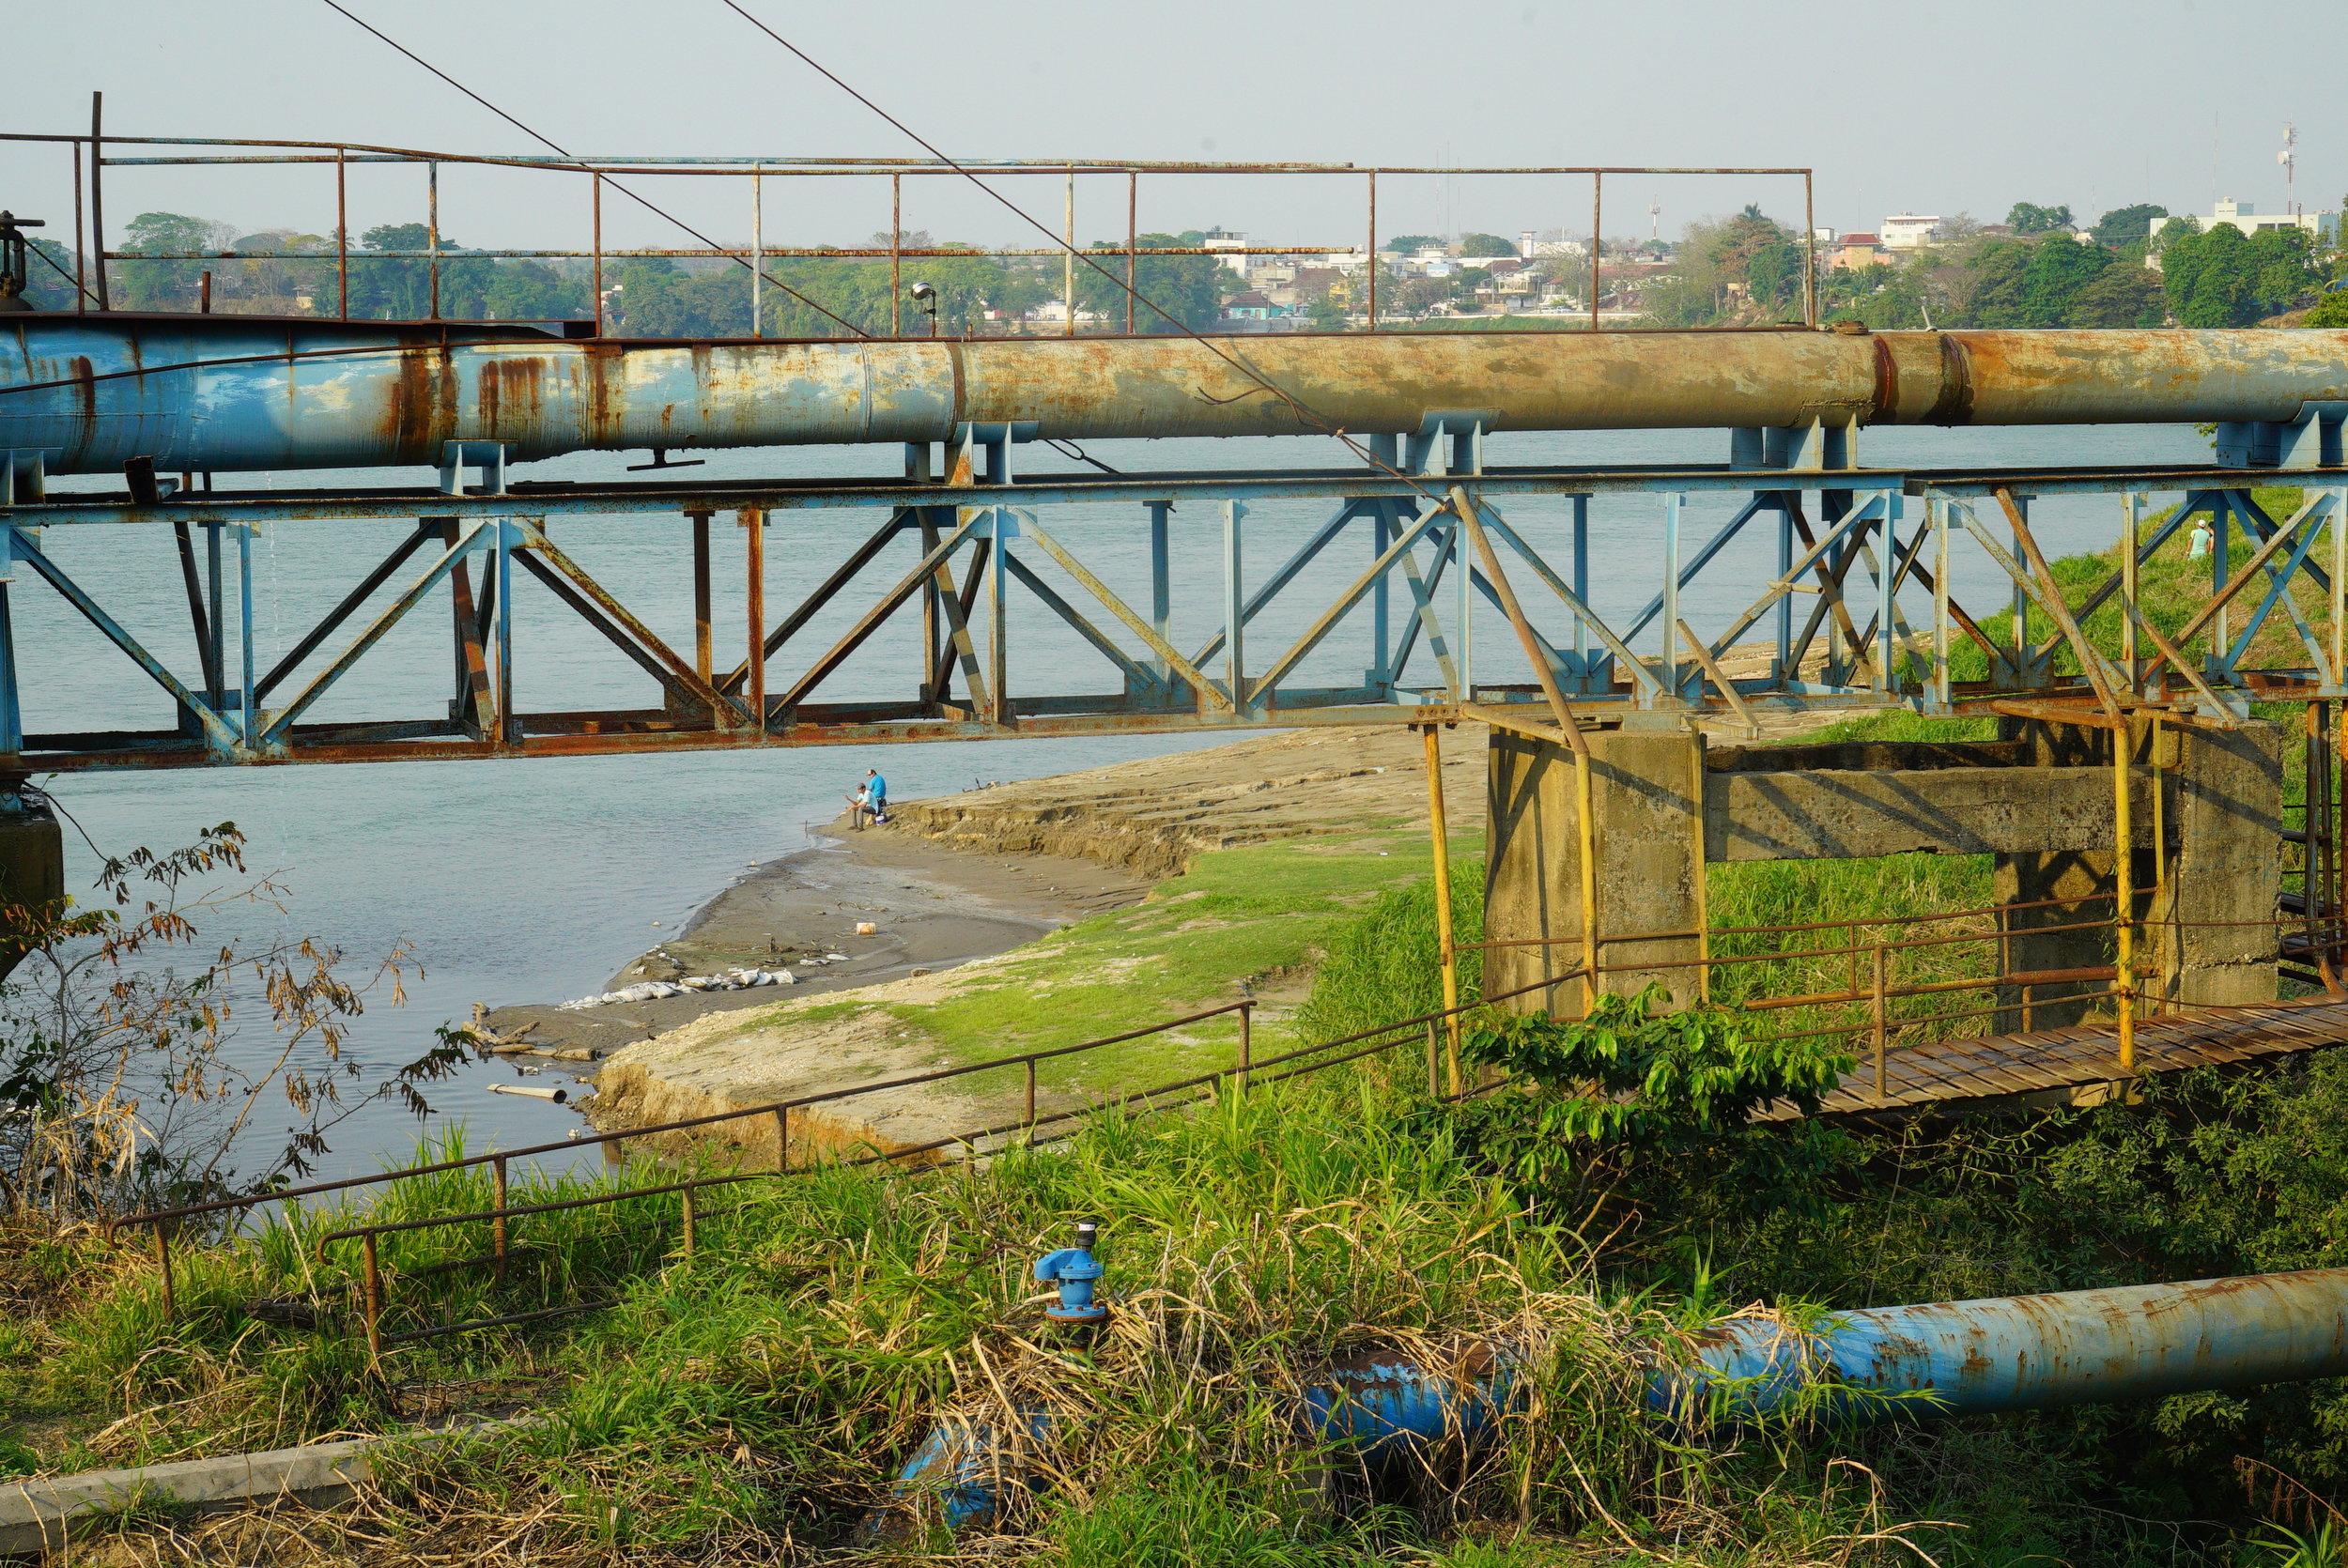 Cerca de las tubería para tratar el agua, y donde los migrantes van a bañarse. Rio Usumascinta, Tenosique, Tabasco. Créditos Fotográficos:Irving Mondragón.